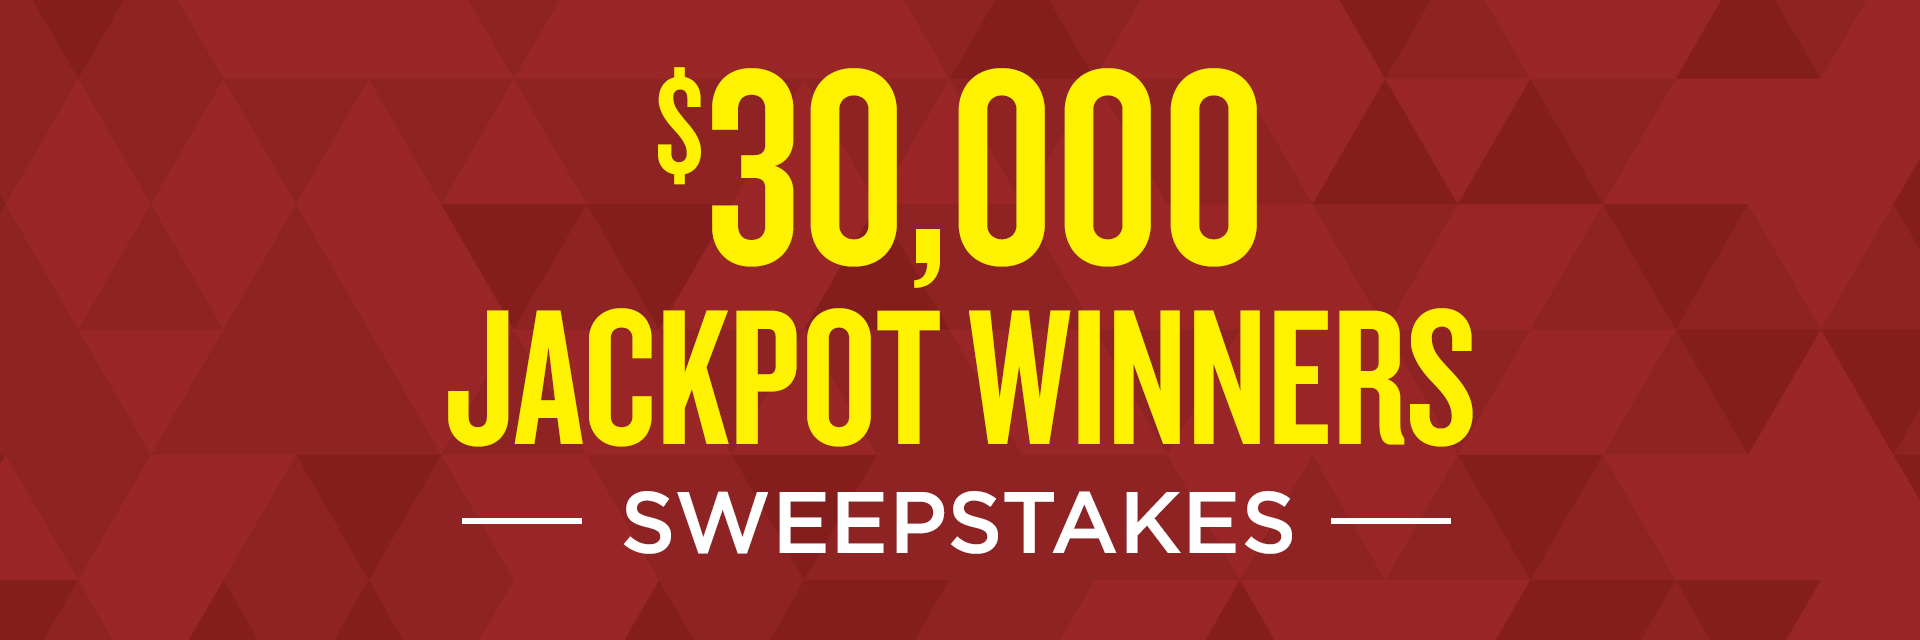 $30,000 Jackpot Winners Sweepstakes